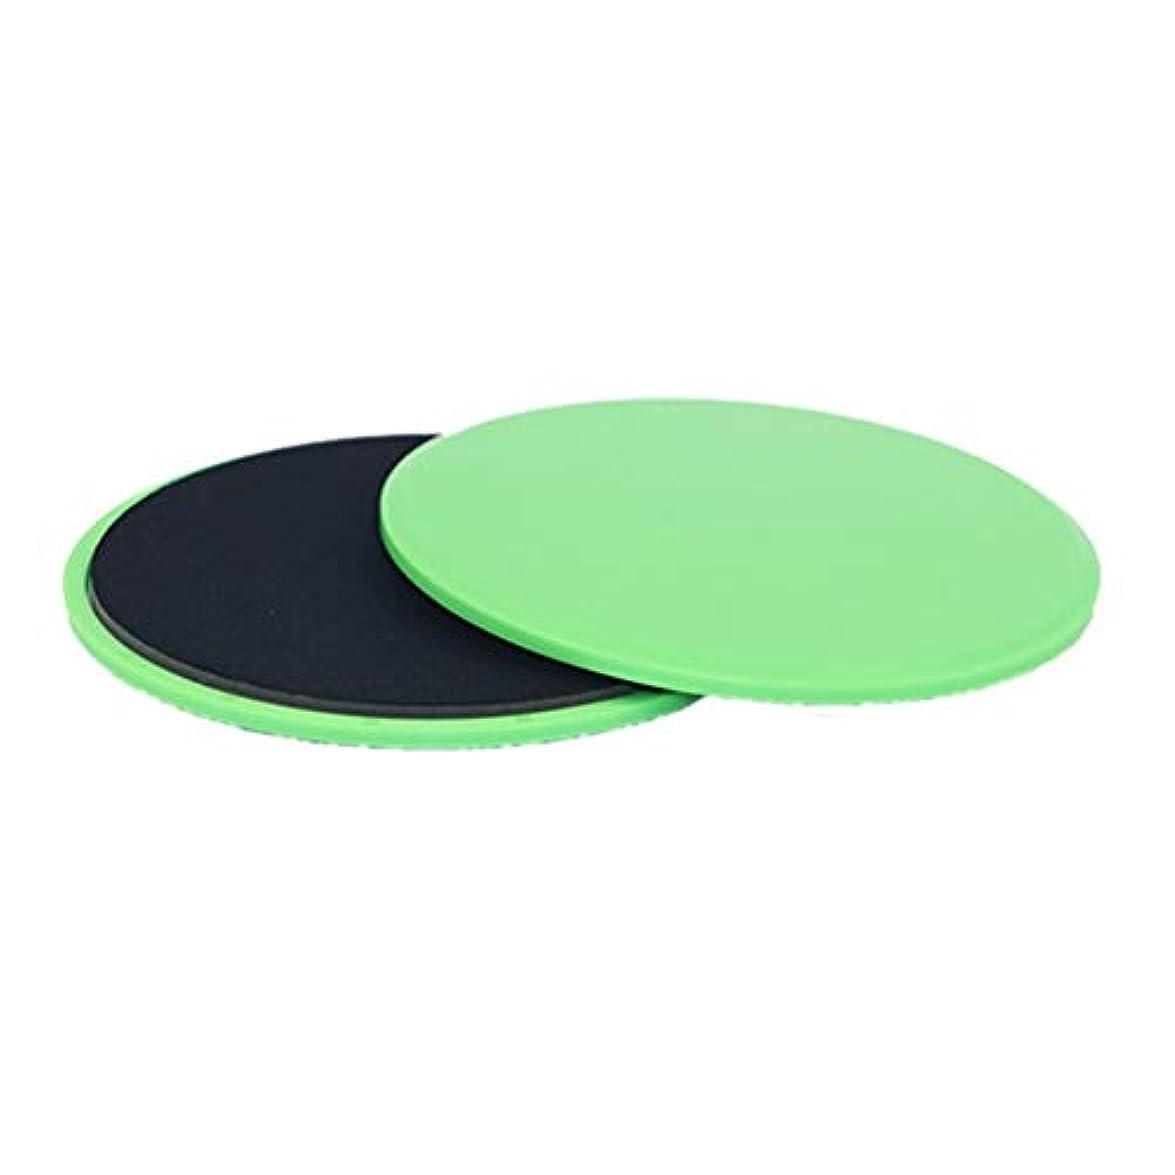 ドラム航空悩みフィットネススライドグライディングディスクコーディネーション能力フィットネスエクササイズスライダーコアトレーニング用腹部と全身トレーニング - グリーン